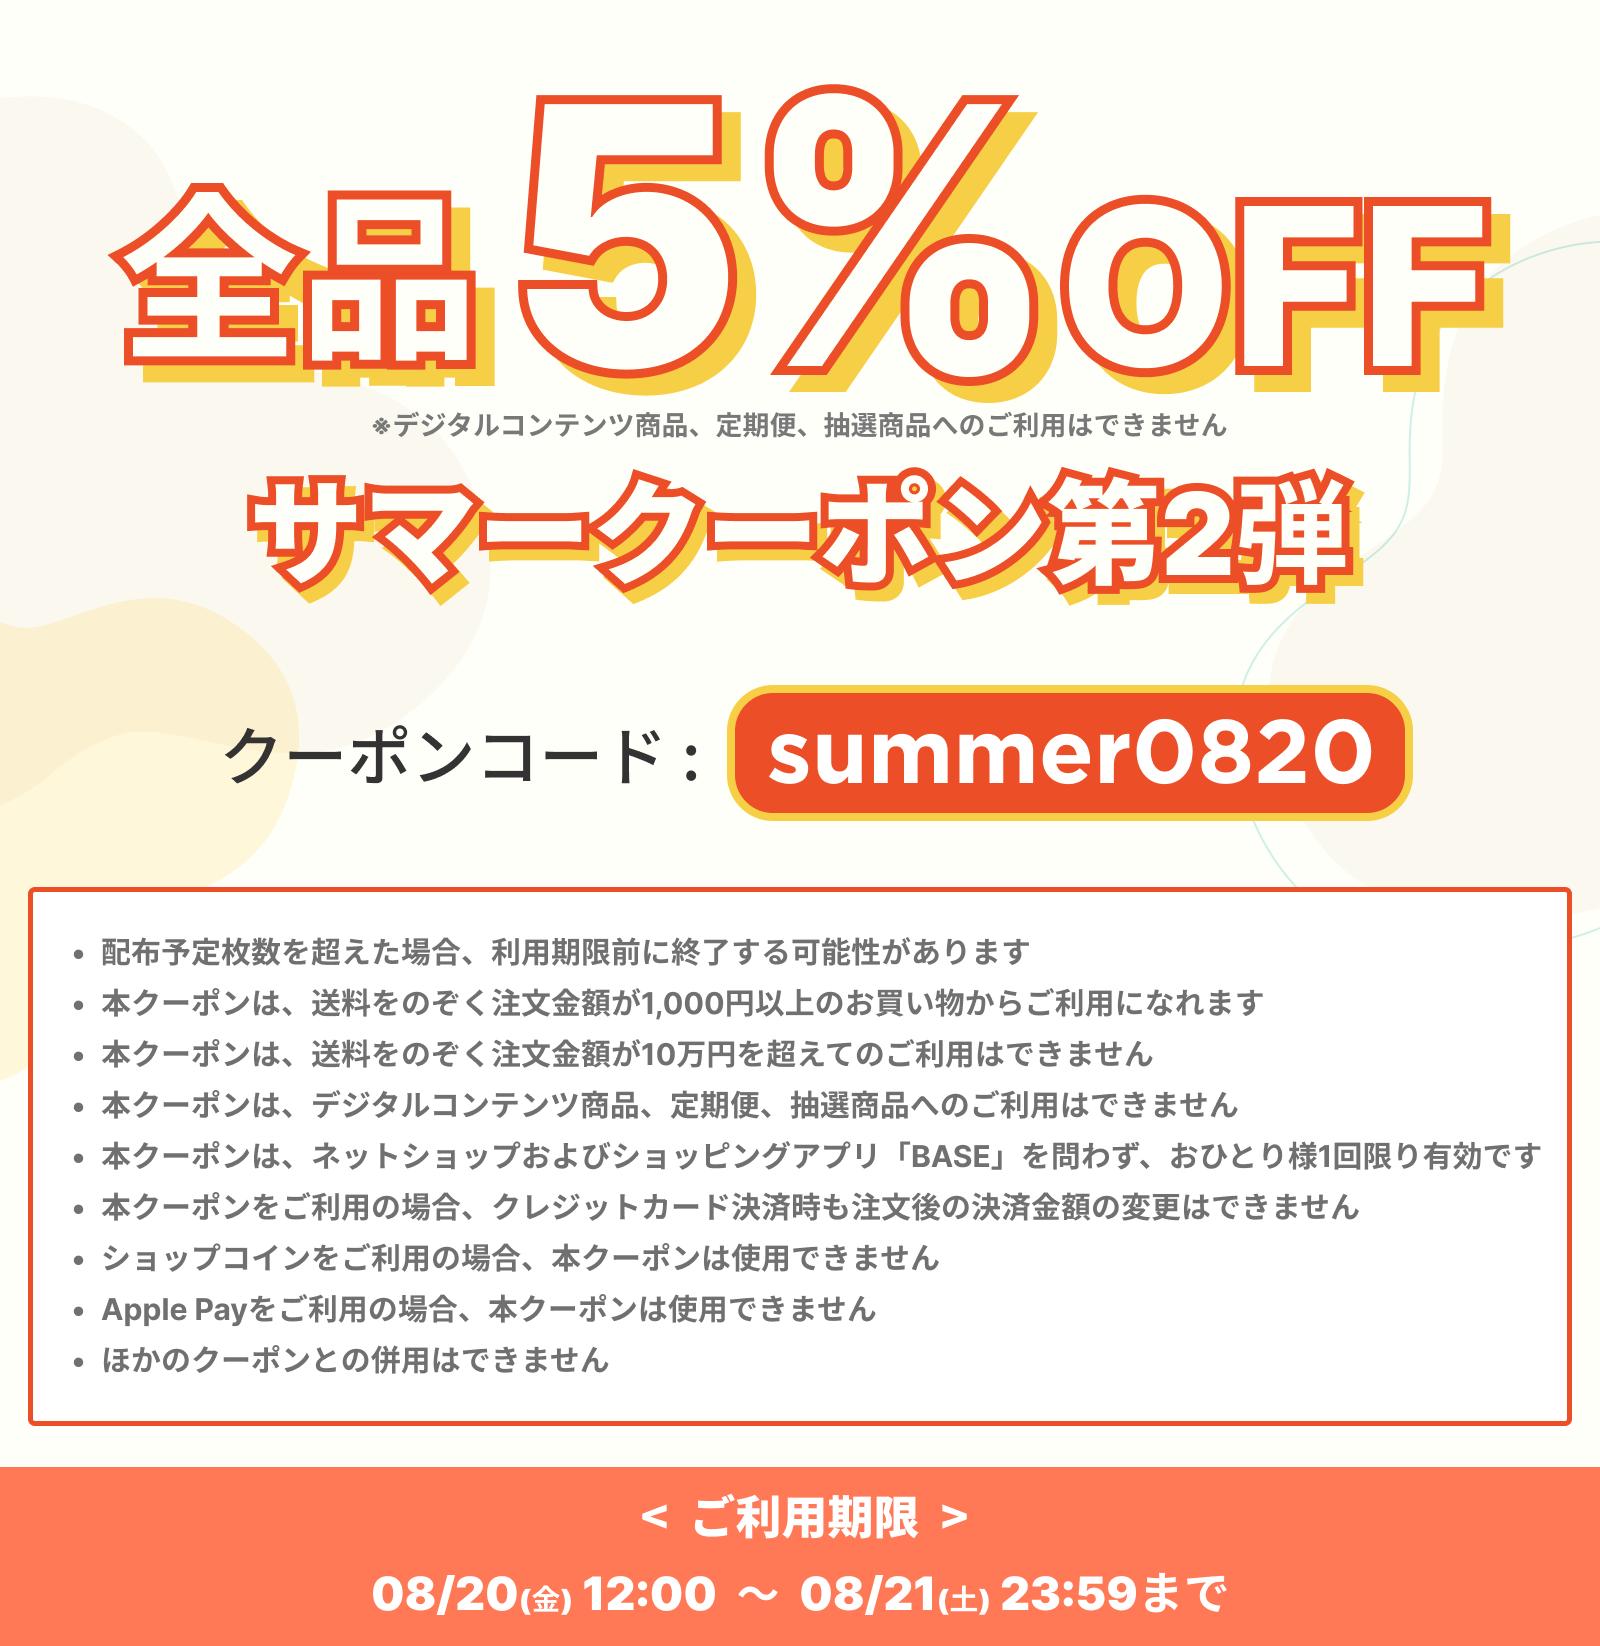 8月20日、21日限定!5%OFFクーポンを配信中!!